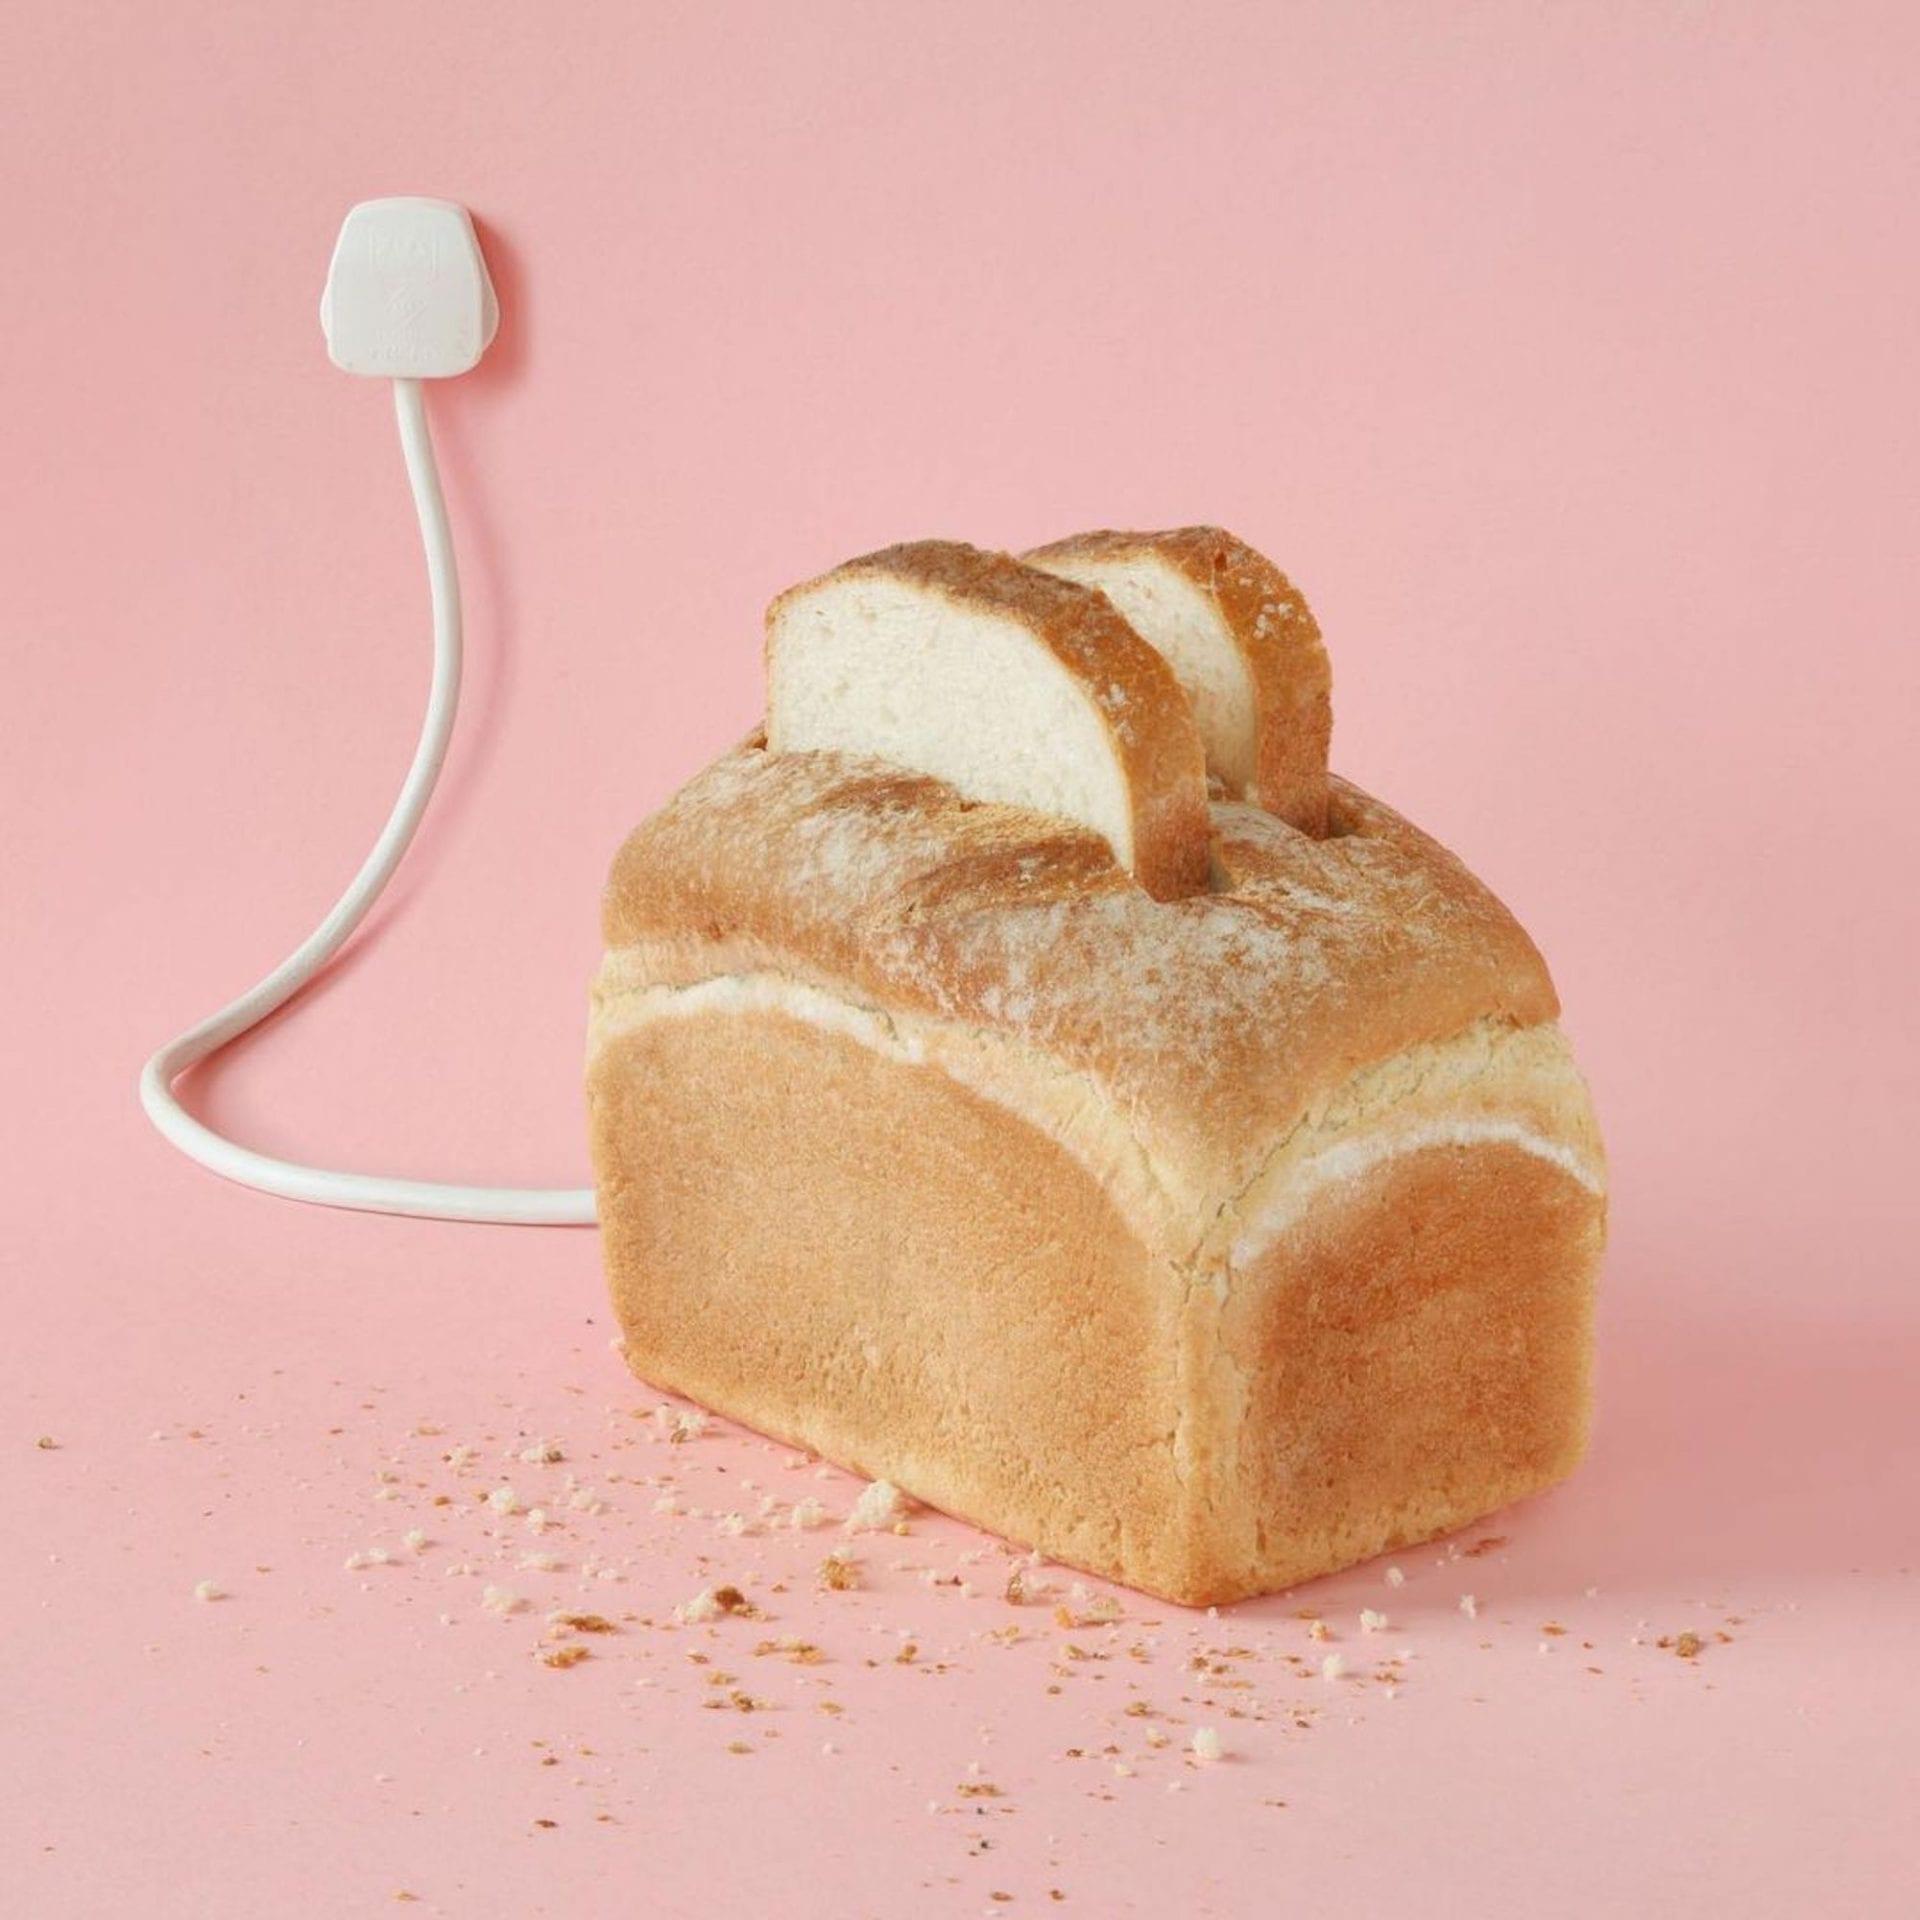 L'artiste Helga Stentzel détourne les objets du quotidien avec une folle créativité